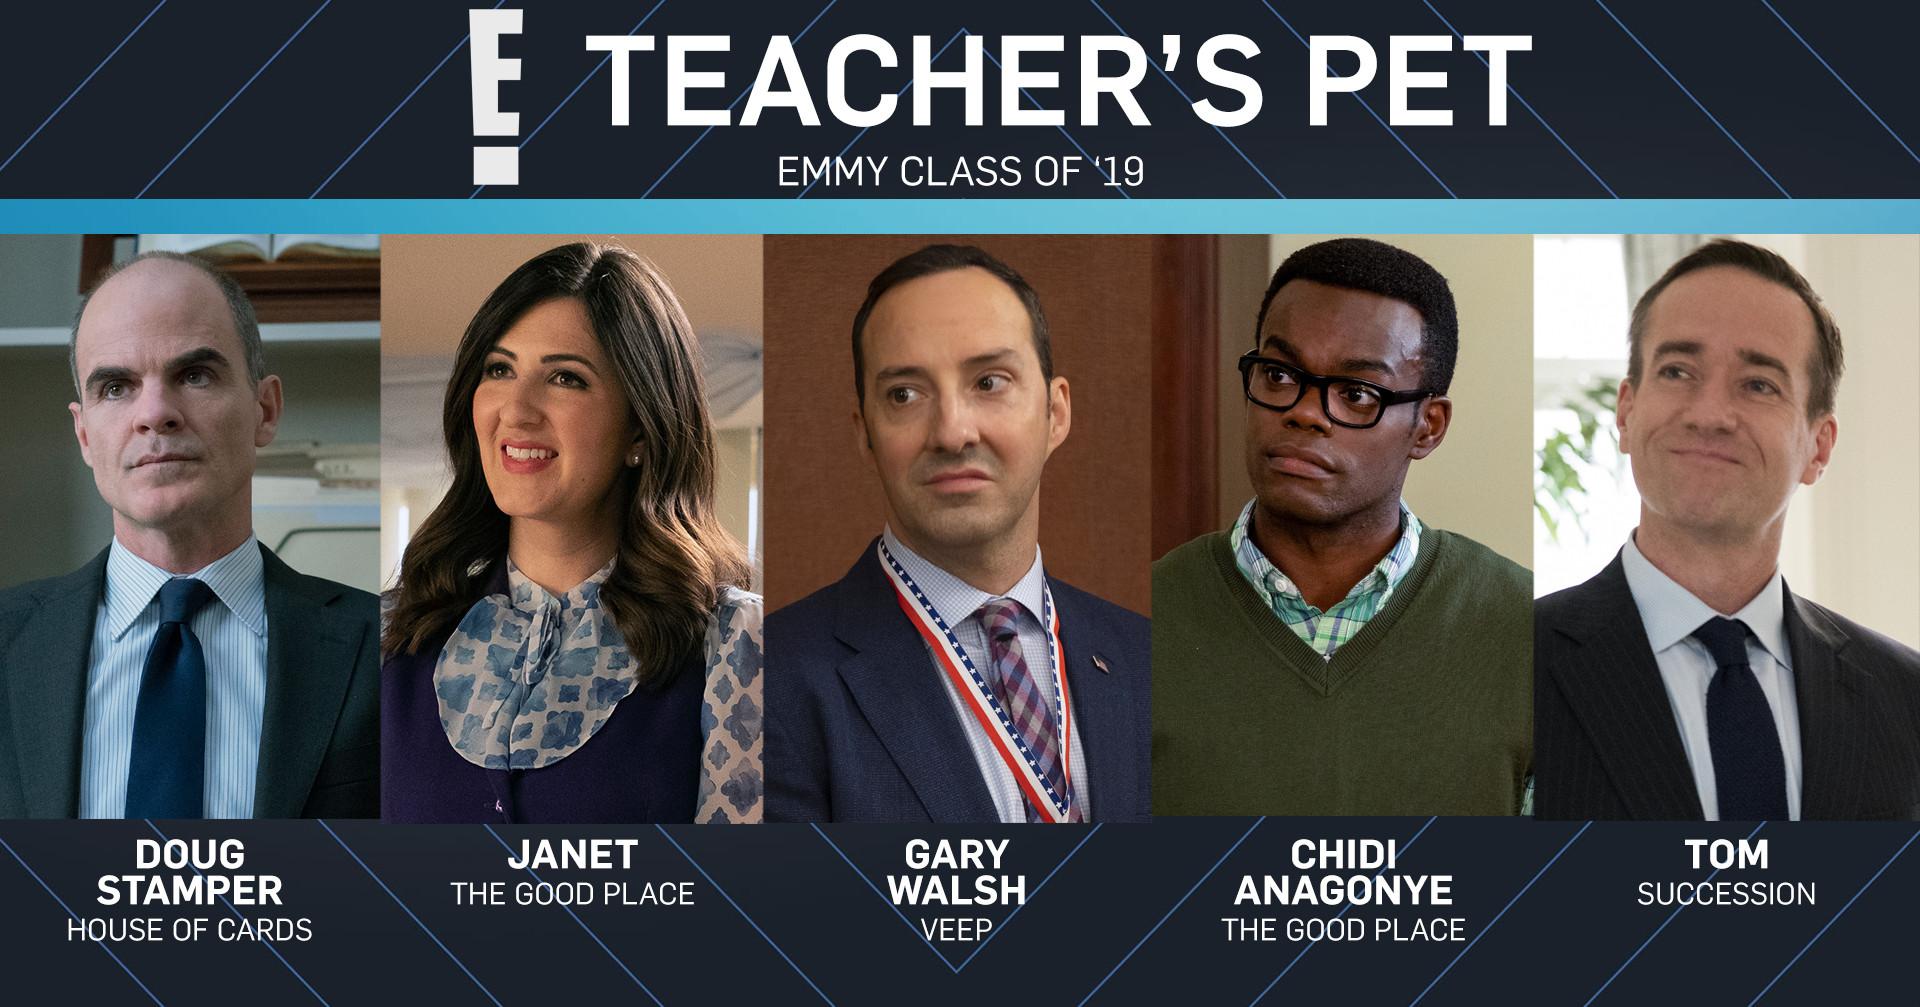 Emmy Class of 2019, Teacher's Pet